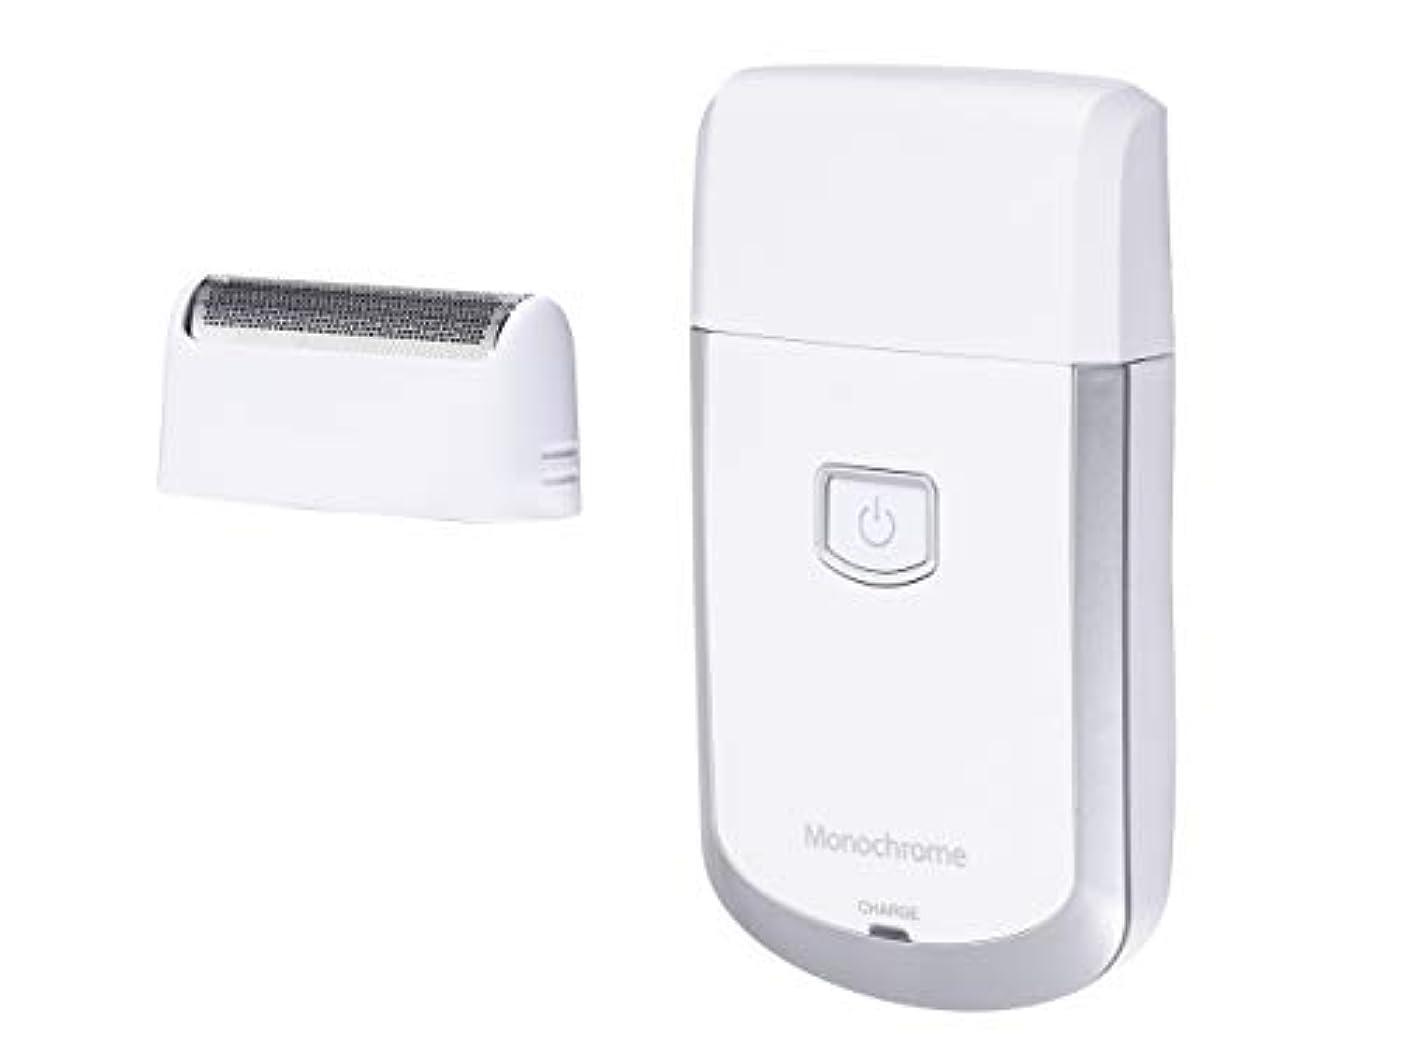 条約トンウルルモノクローム メンズシェーバー USB充電式 往復式 ホワイト MAM-0500/W [Amazon限定ブランド]